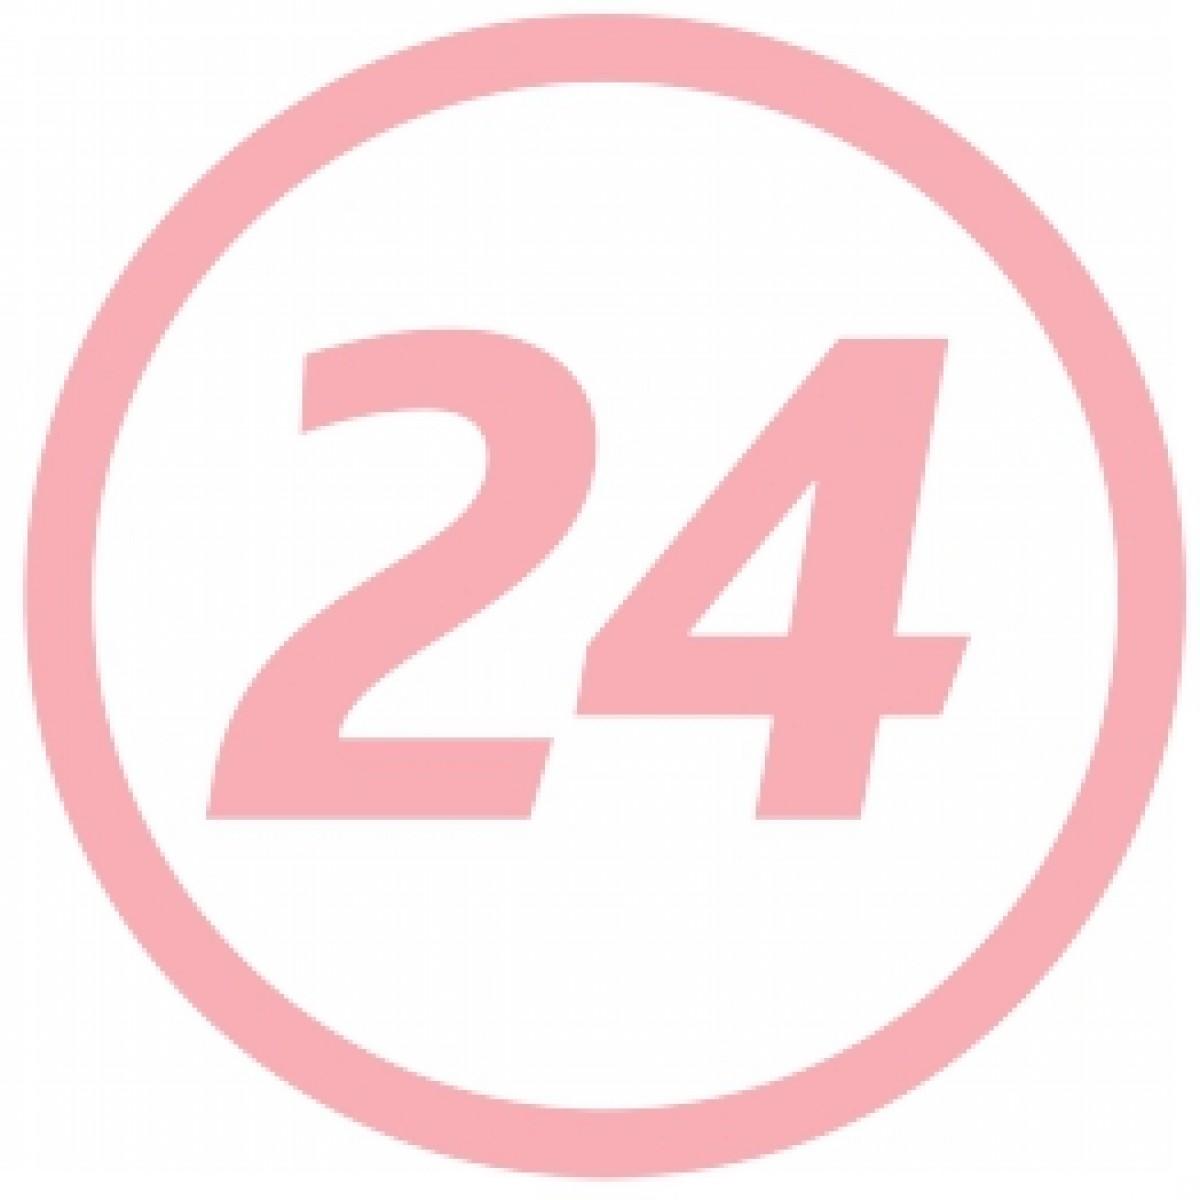 Trachisan Fara Zahar Comprimate, Comprimate, 20buc